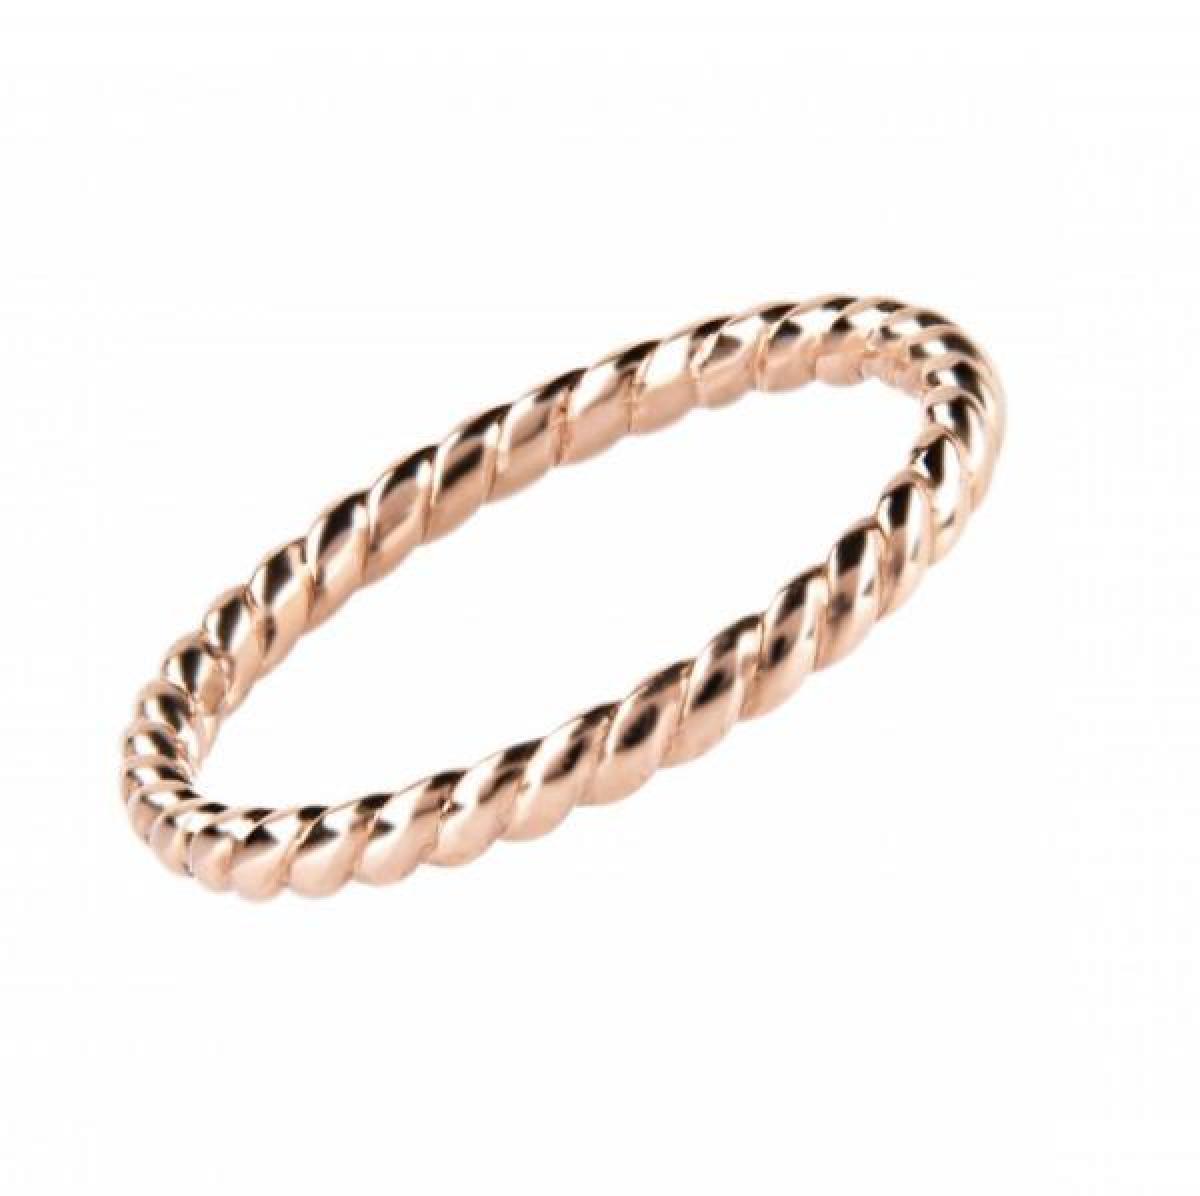 Перстень монобрендовий ``Twist Infinity`` з червоного золота 100-0159 (17,0)